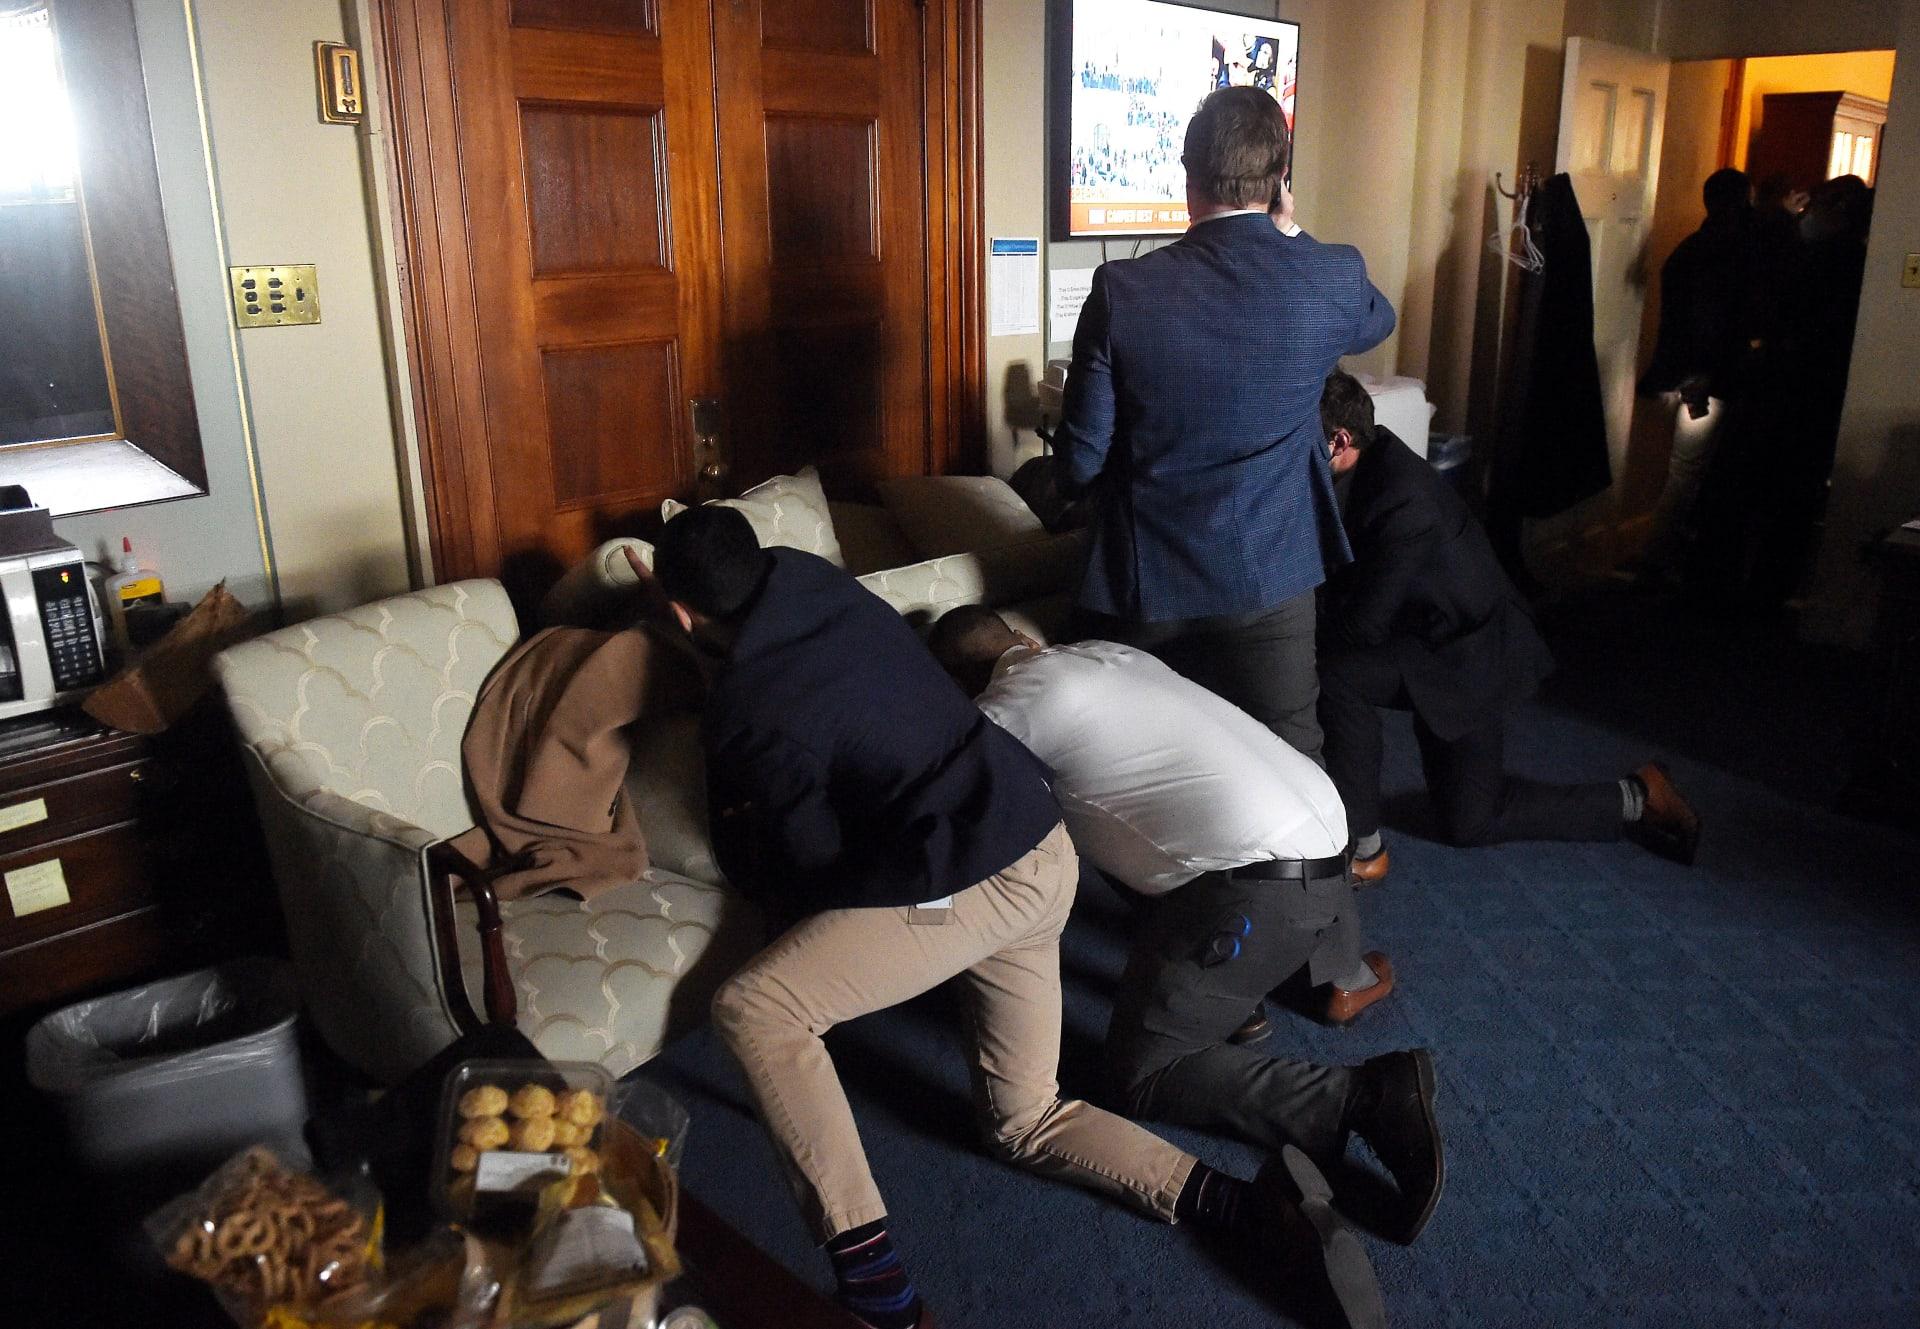 موظفون في مبنىالكونغرس يحصنون أنفسهم داخل المكاتب بعد اقتحام المبنى